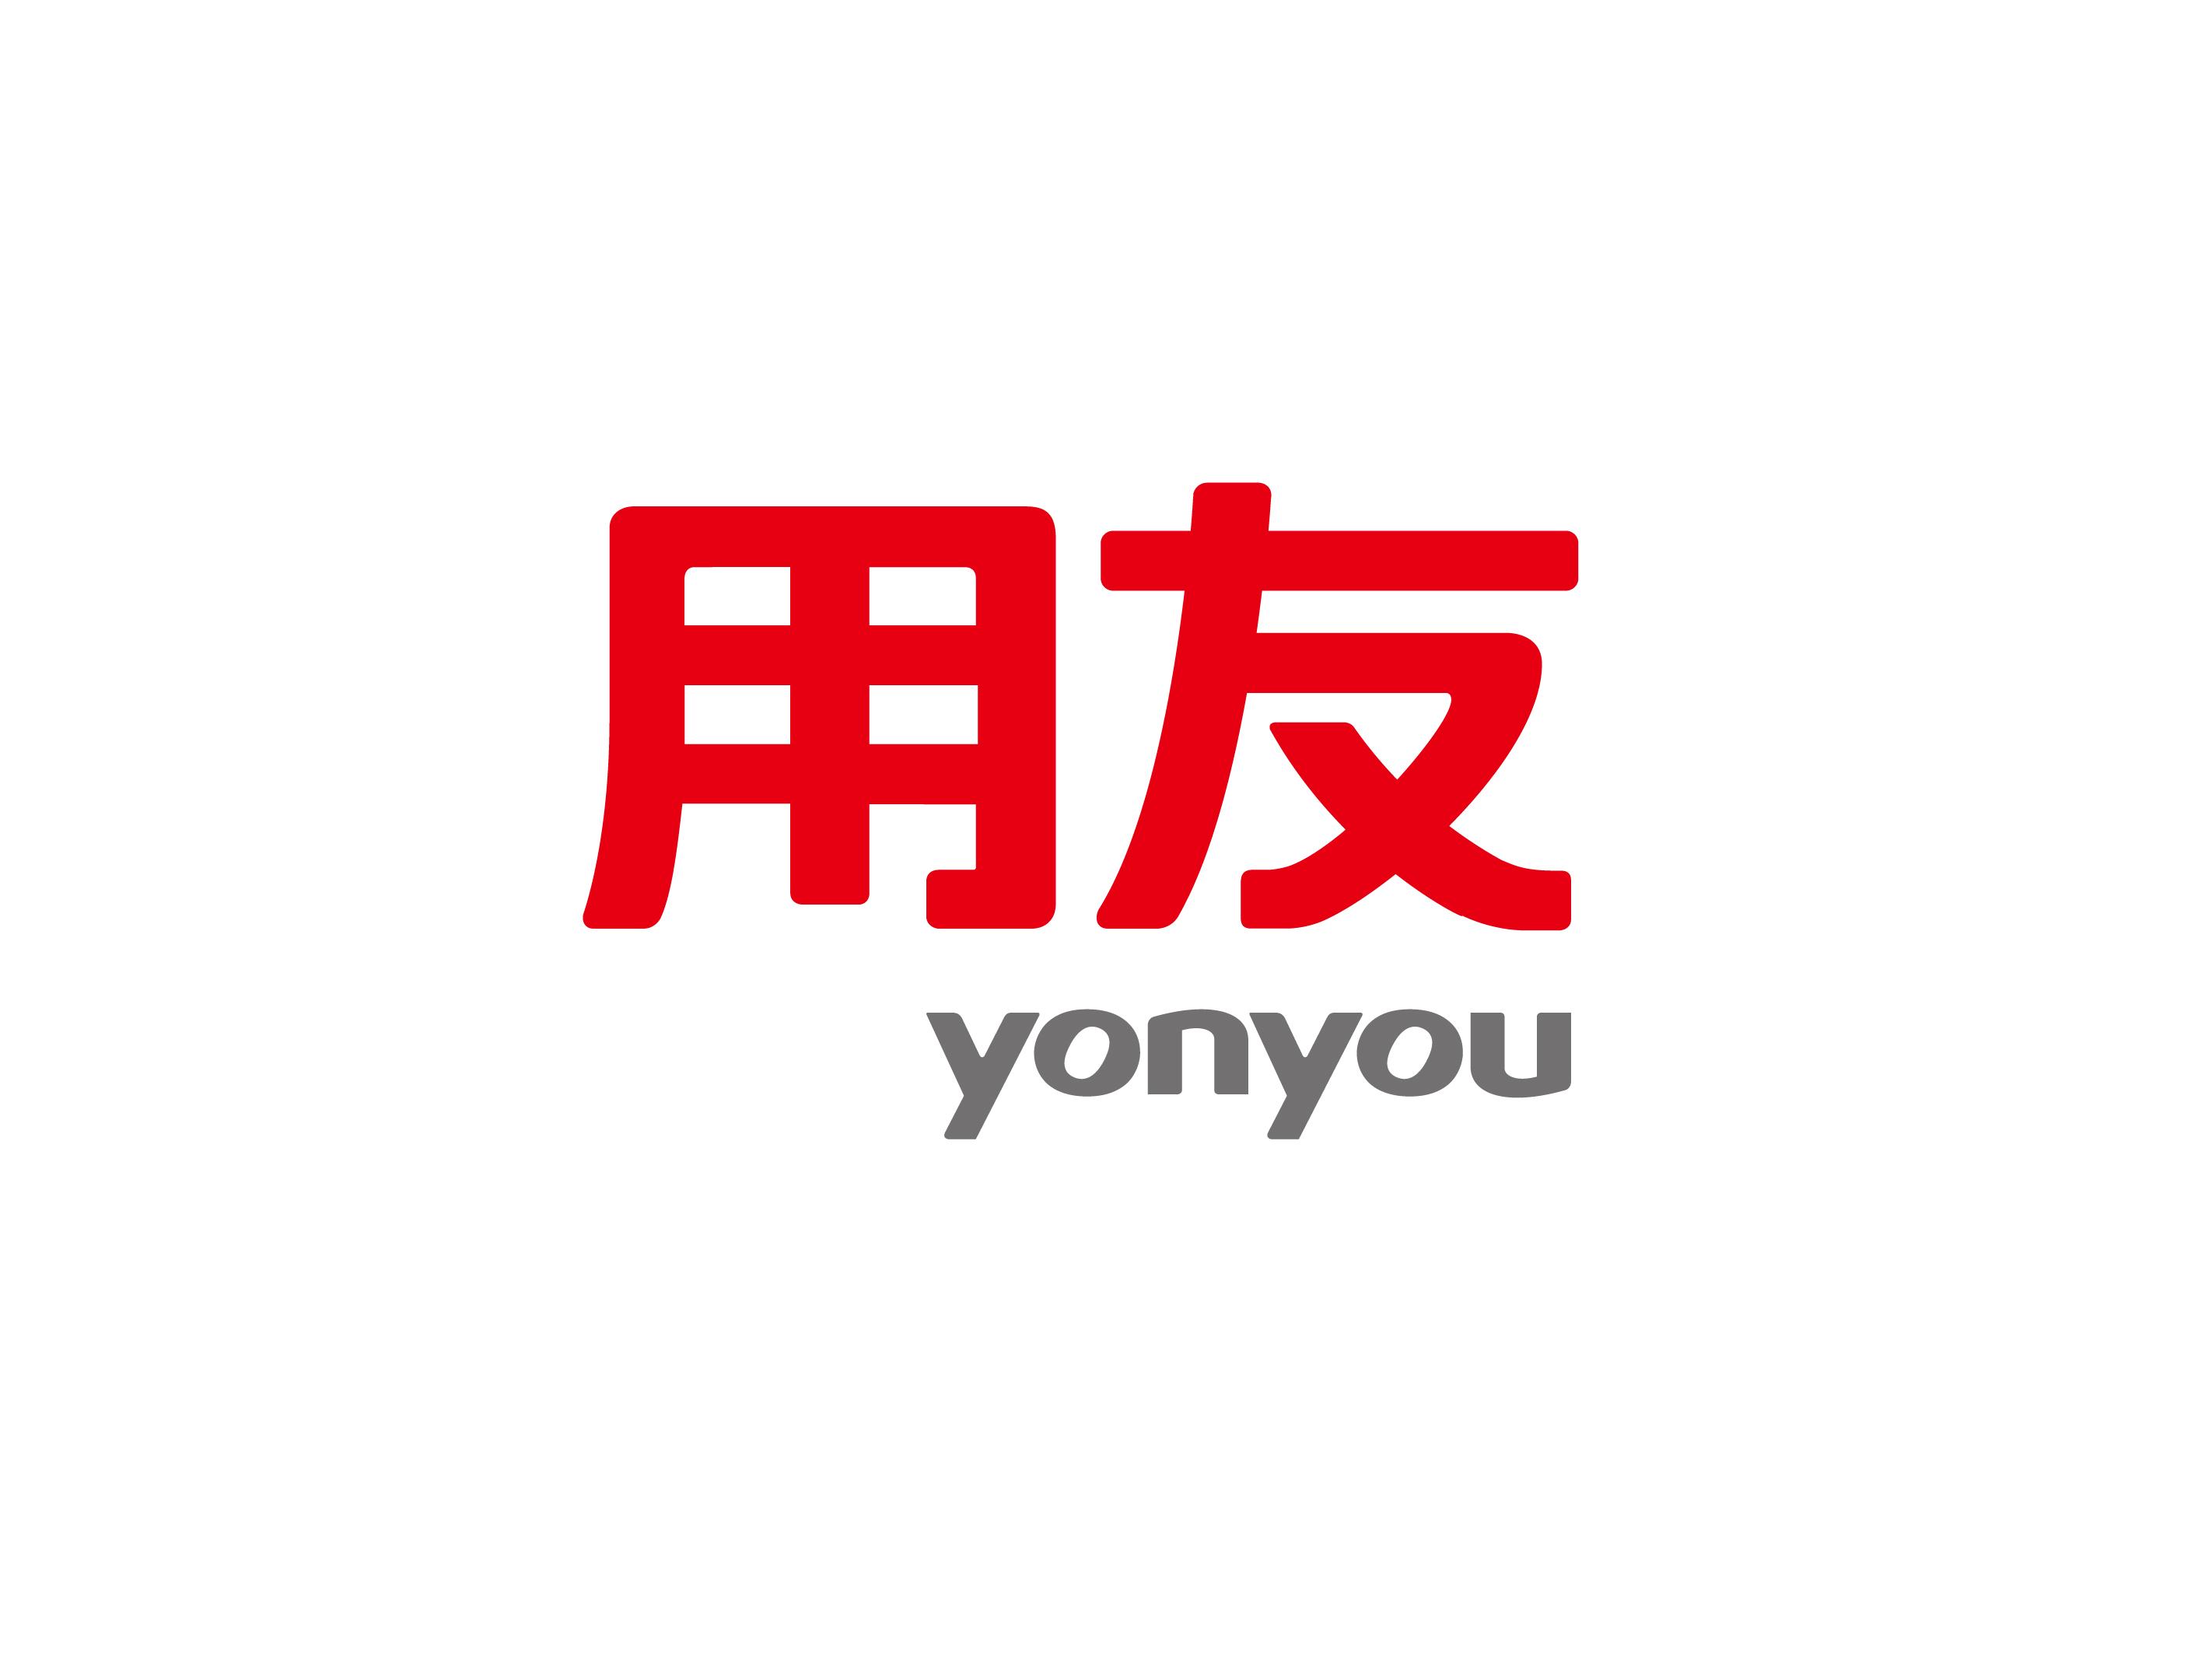 宜昌云友软件有限公司logo